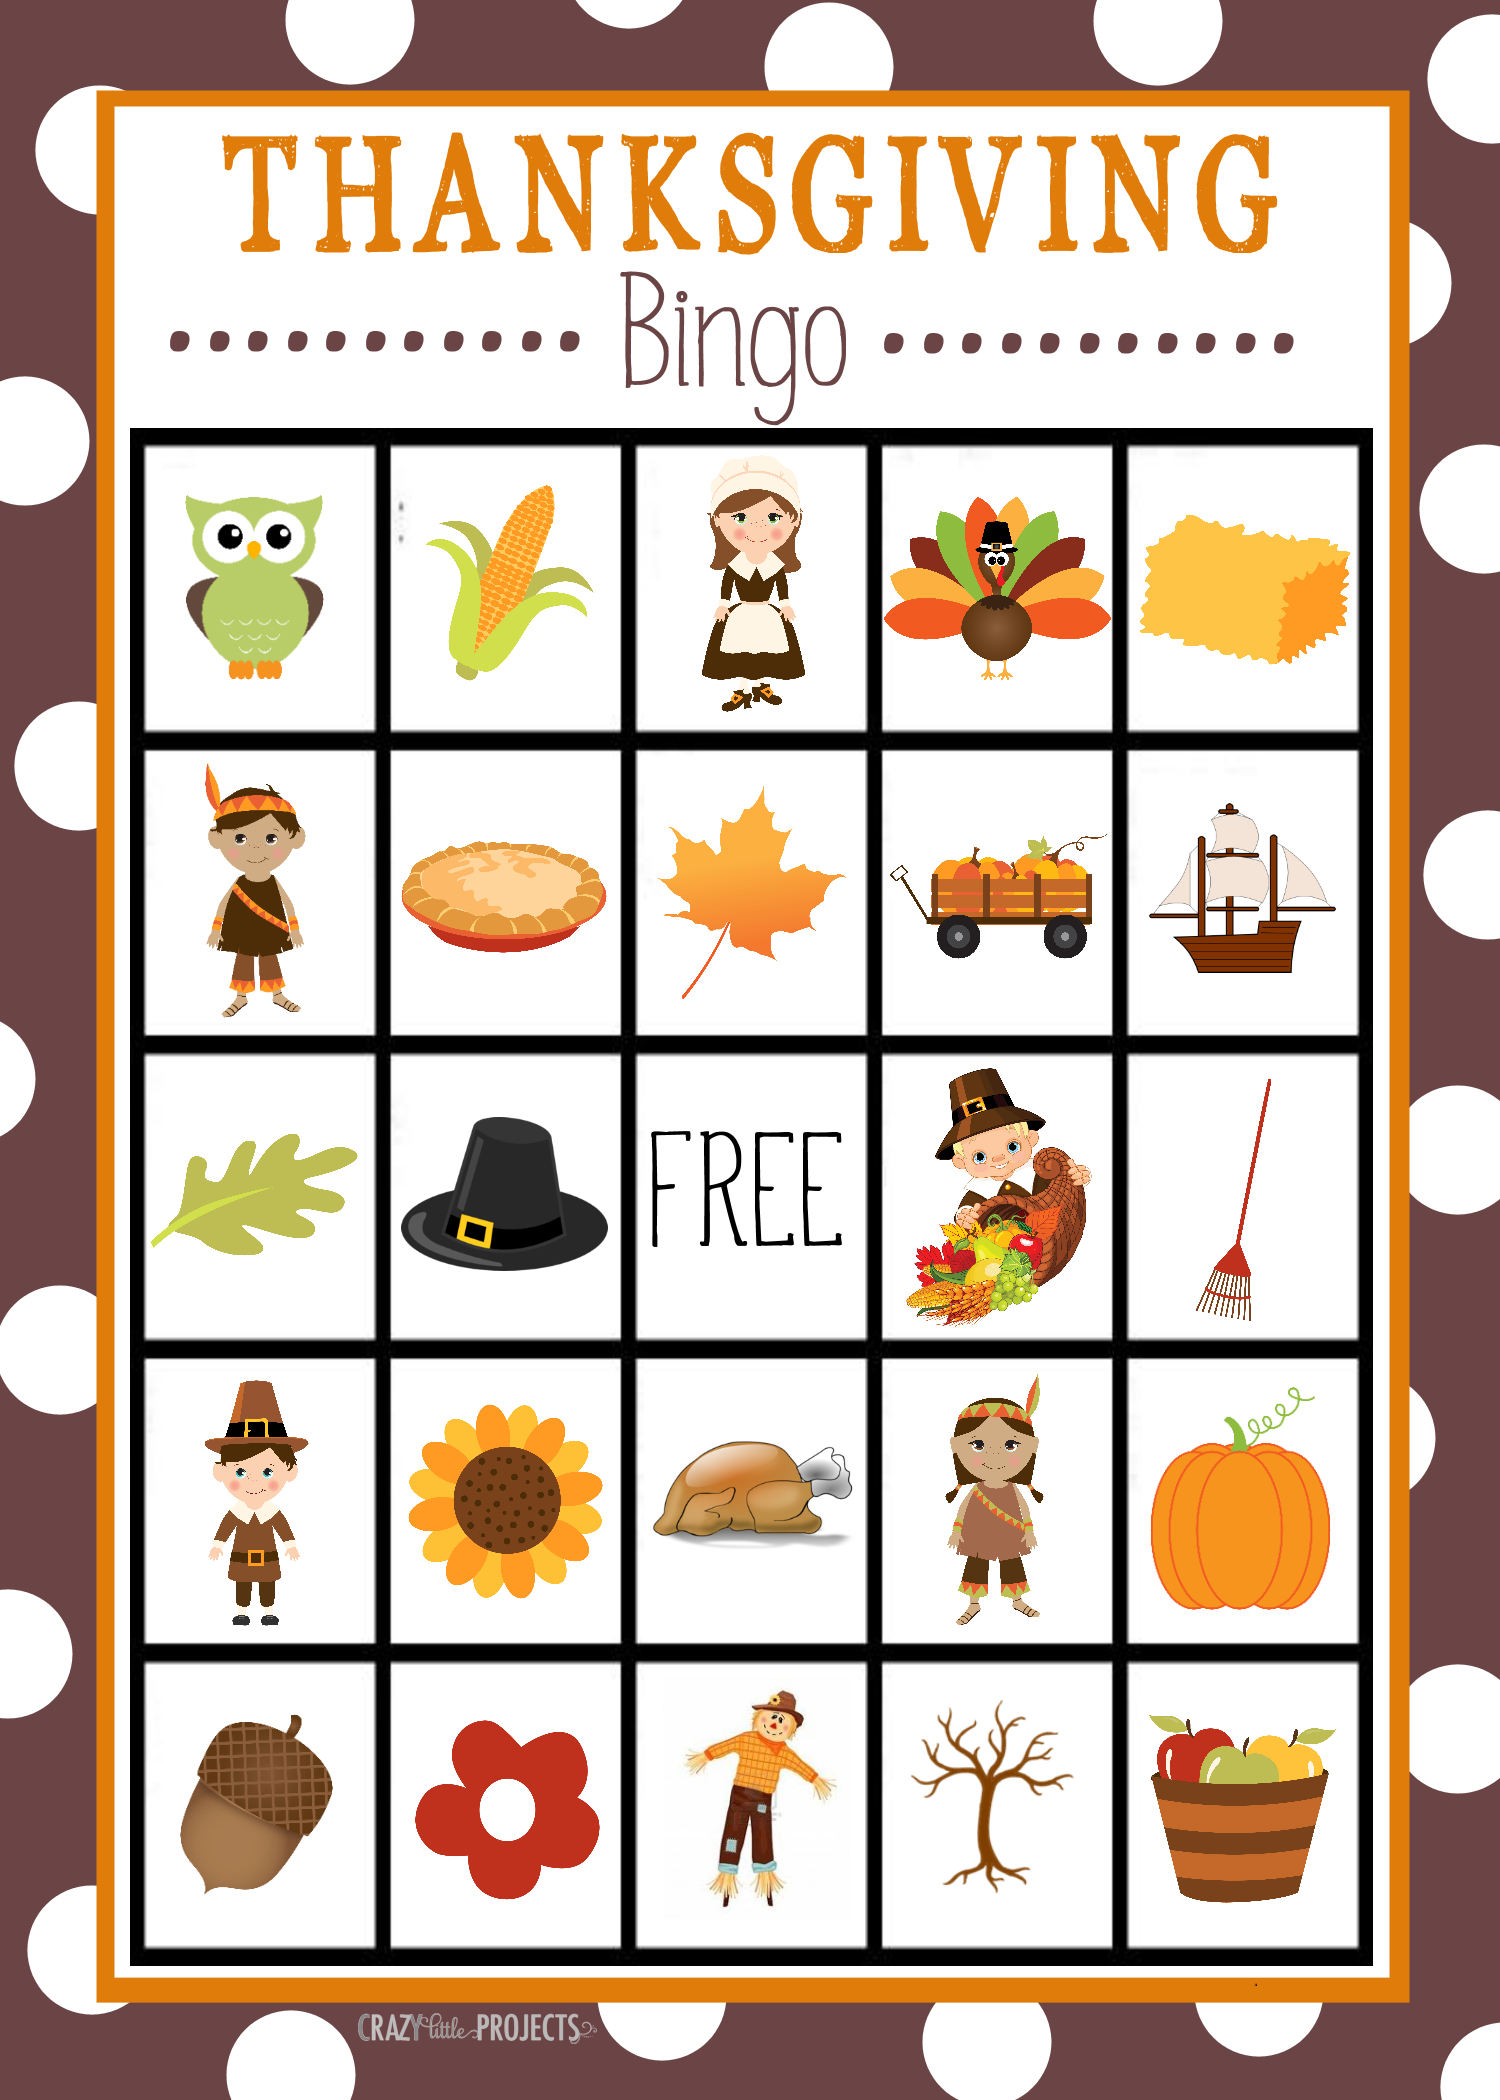 Free Printable Thanksgiving Bingo Game | Craft Time | Pinterest - Free Printable For Thanksgiving